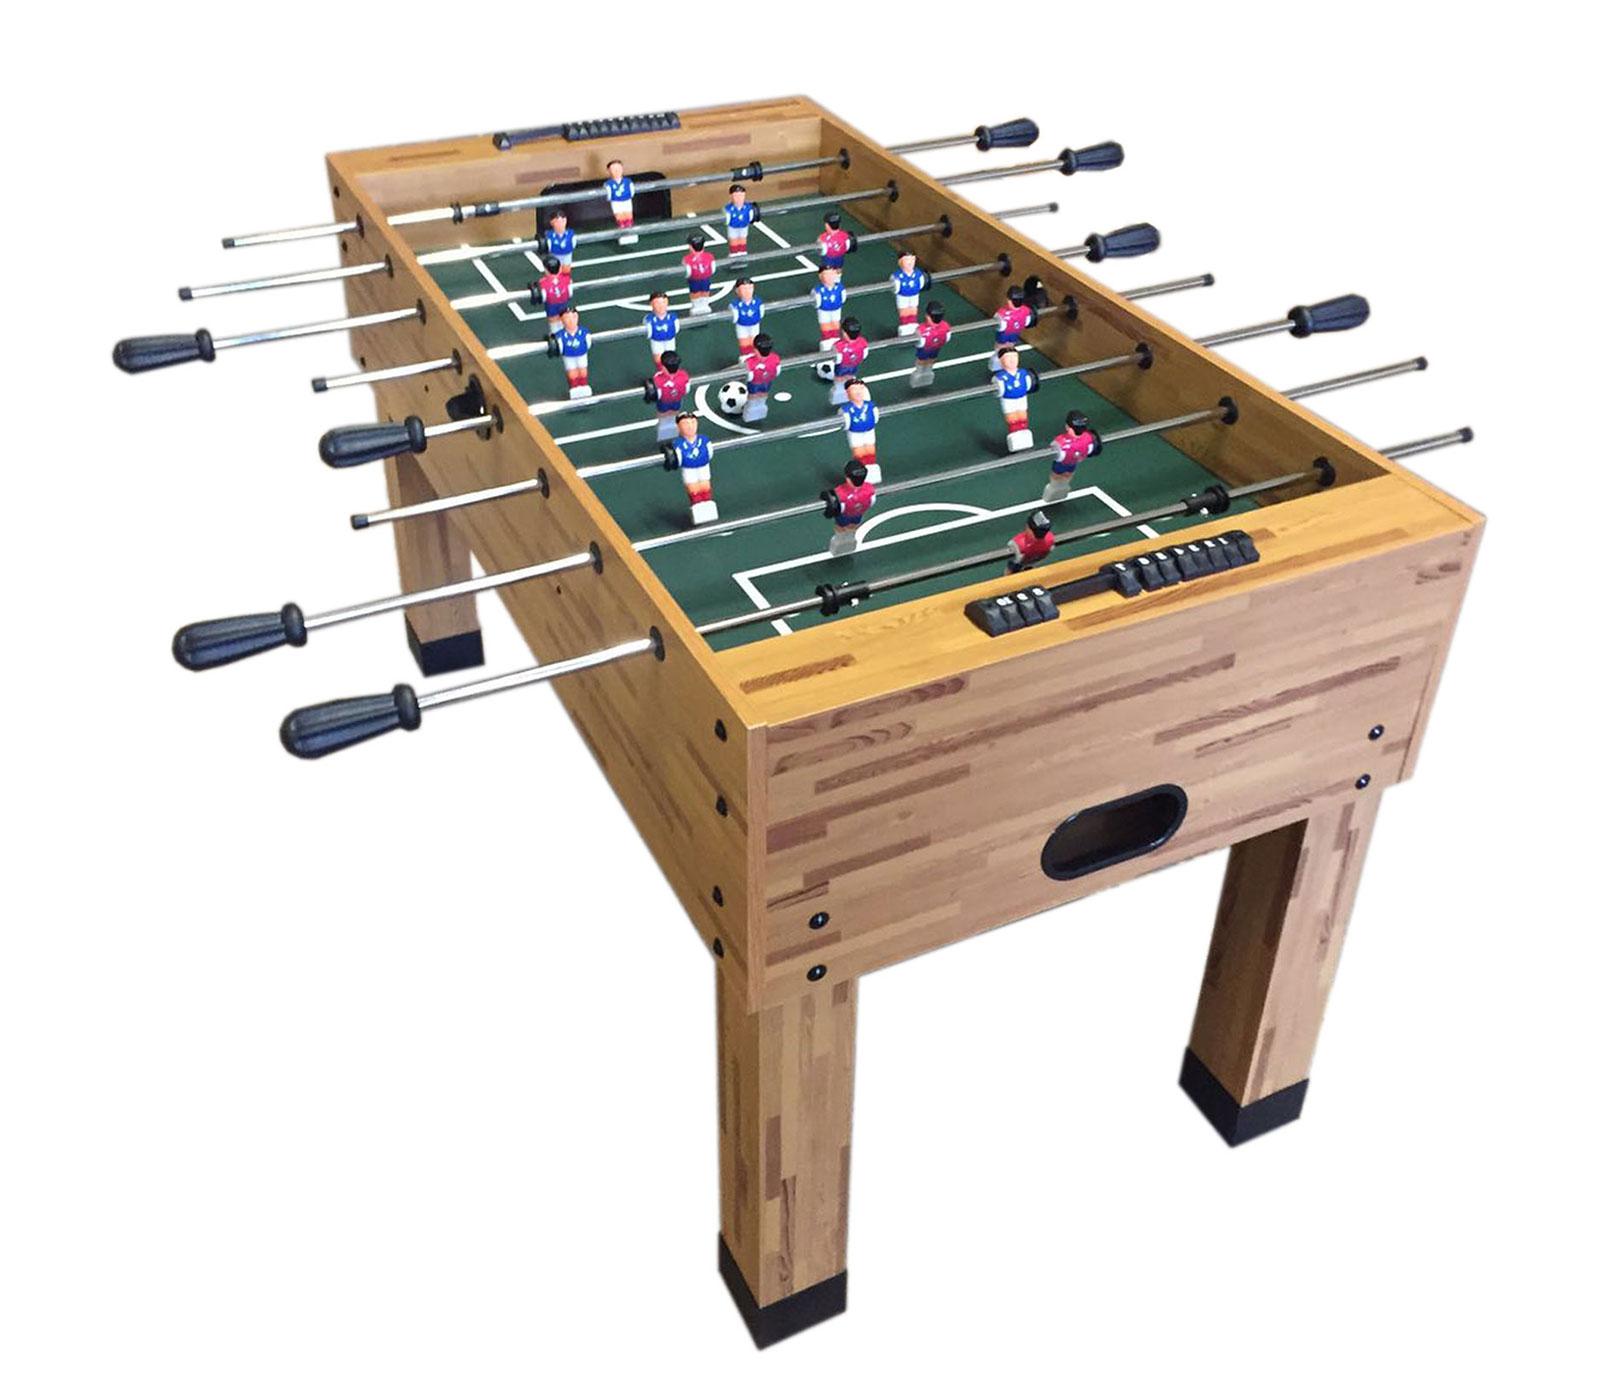 football-table-maracana-1